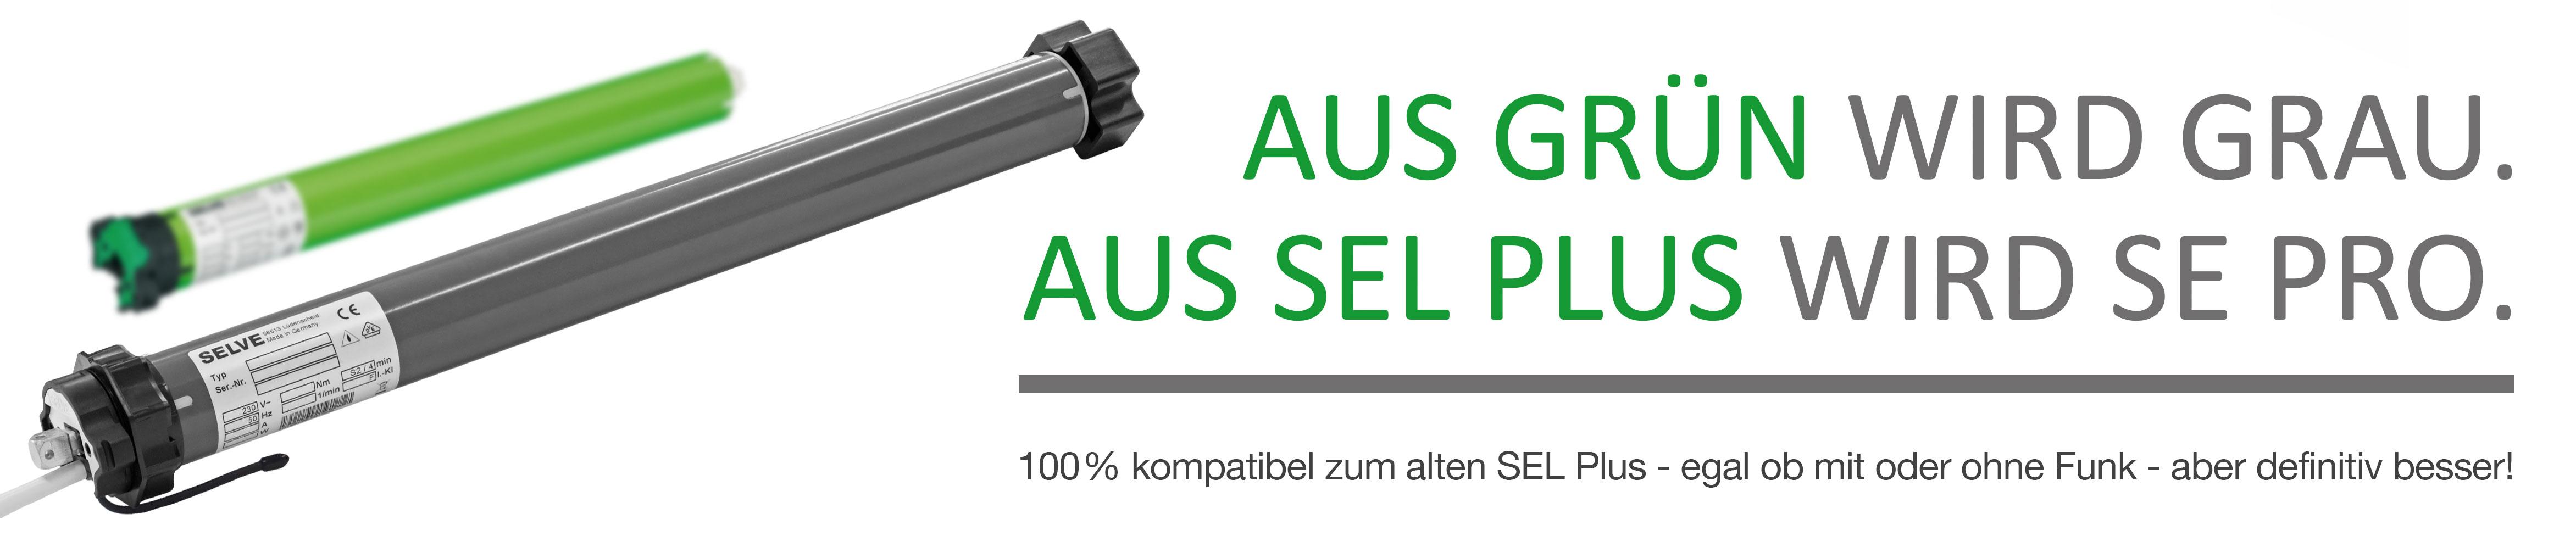 Aus grün wird grau. Aus SEL Plus wird SE Pro